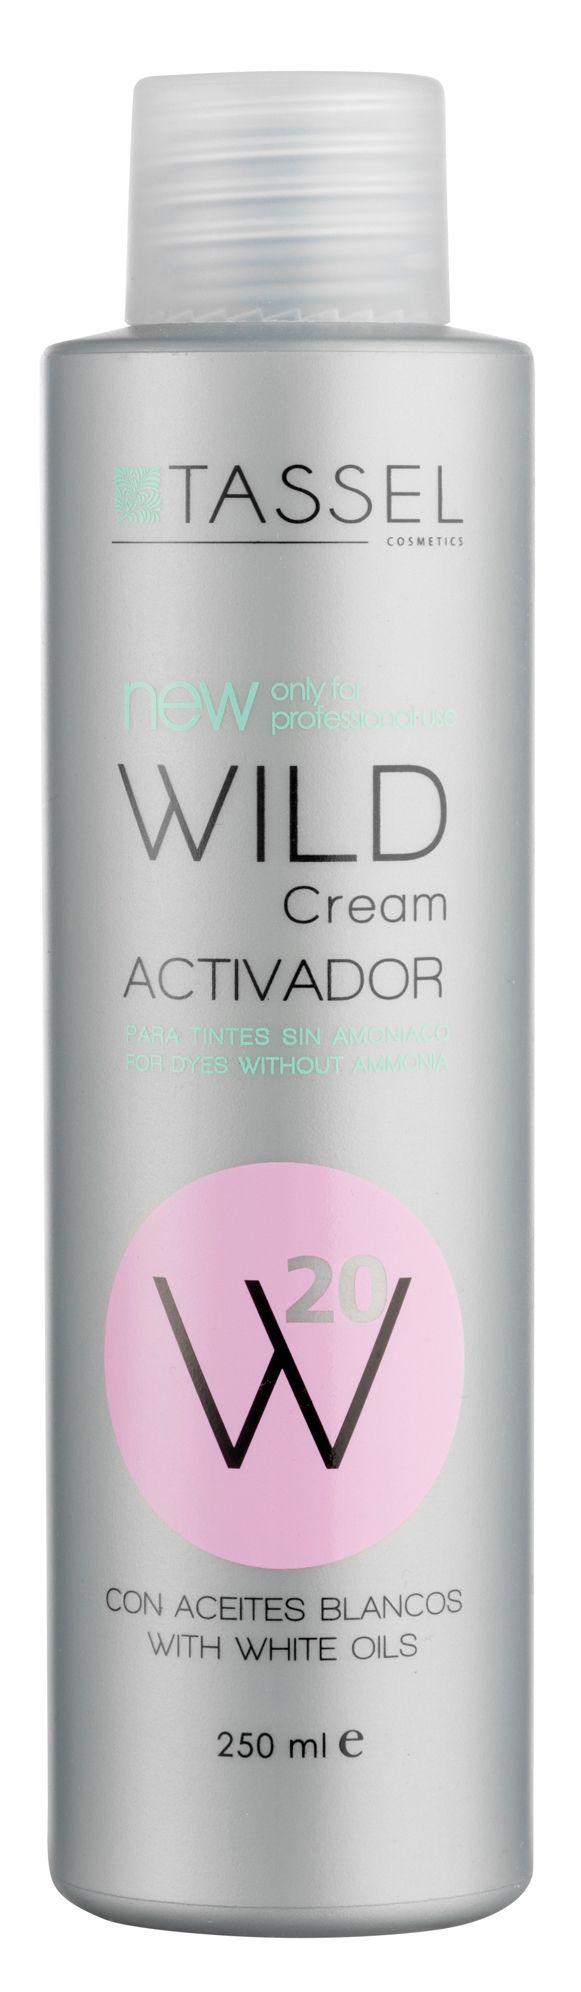 Activador 20 Vol para tintes SIN Amoniaco. Con aroma a manzana verde #tinte #HairDye #TasselCosmetics #TasselYourHair